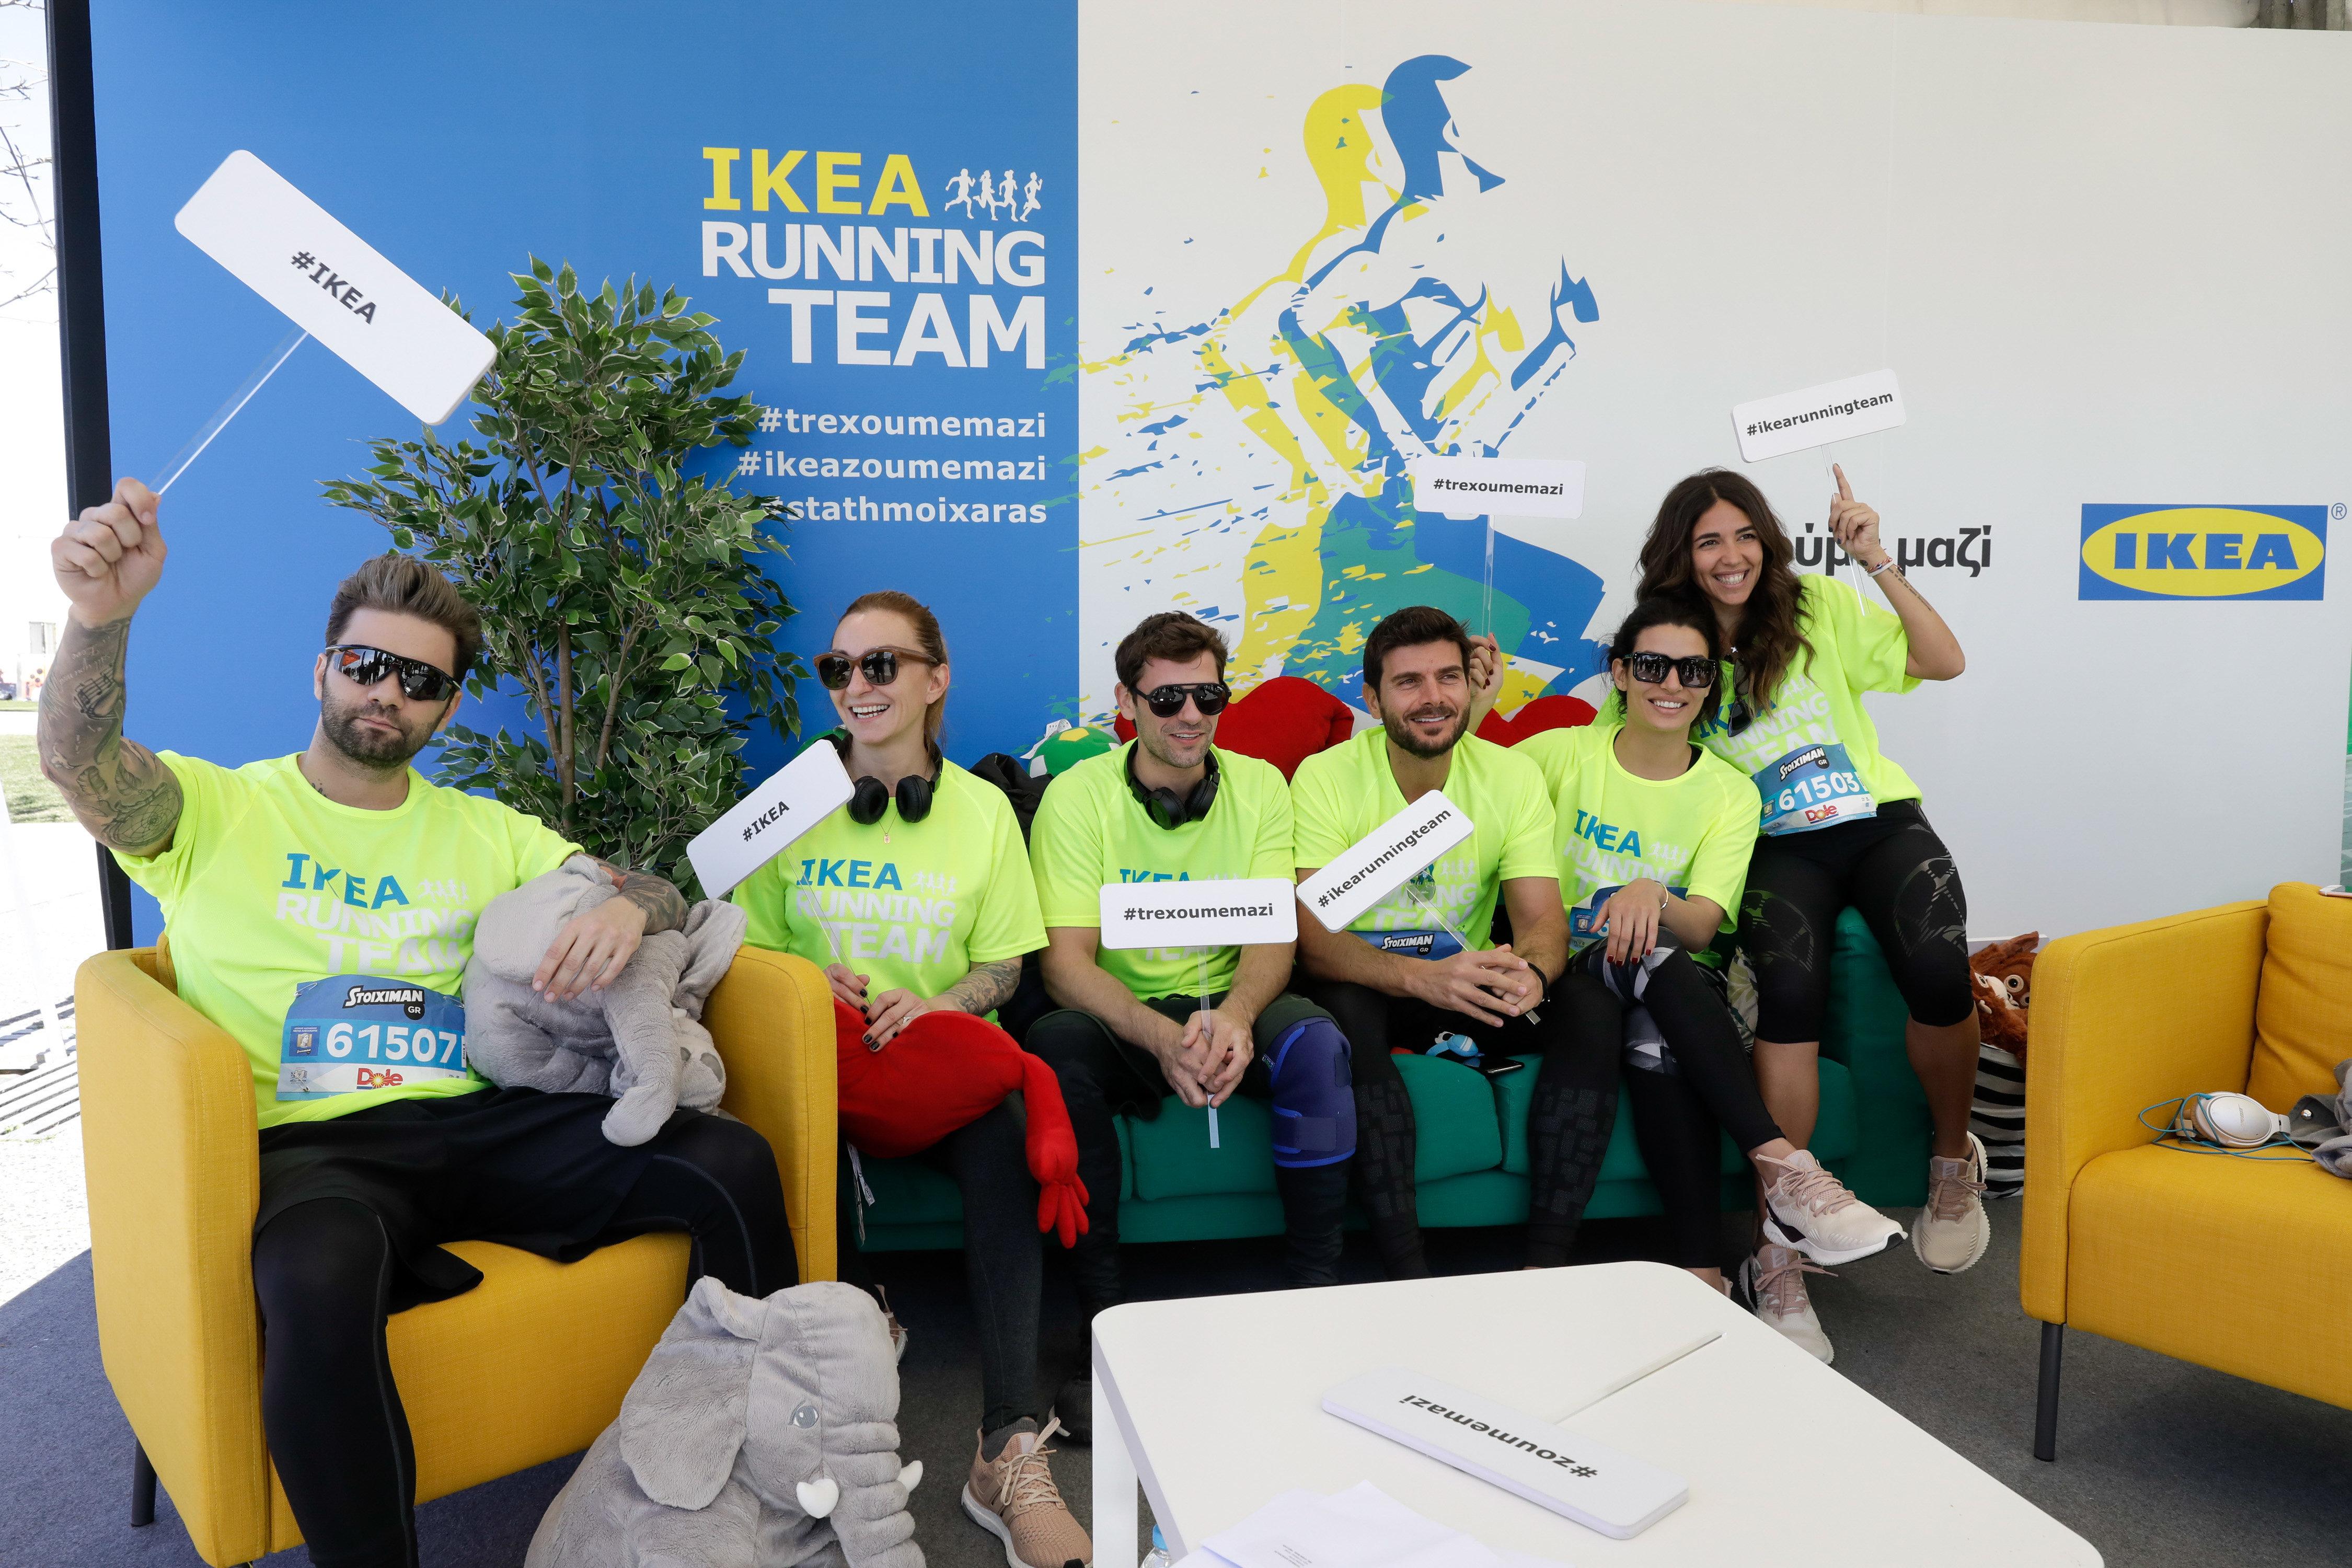 H στιγμή του τερματισμού στον Μαραθώνιο της Θεσσαλονίκης παρέα με την πιο κεφάτη running